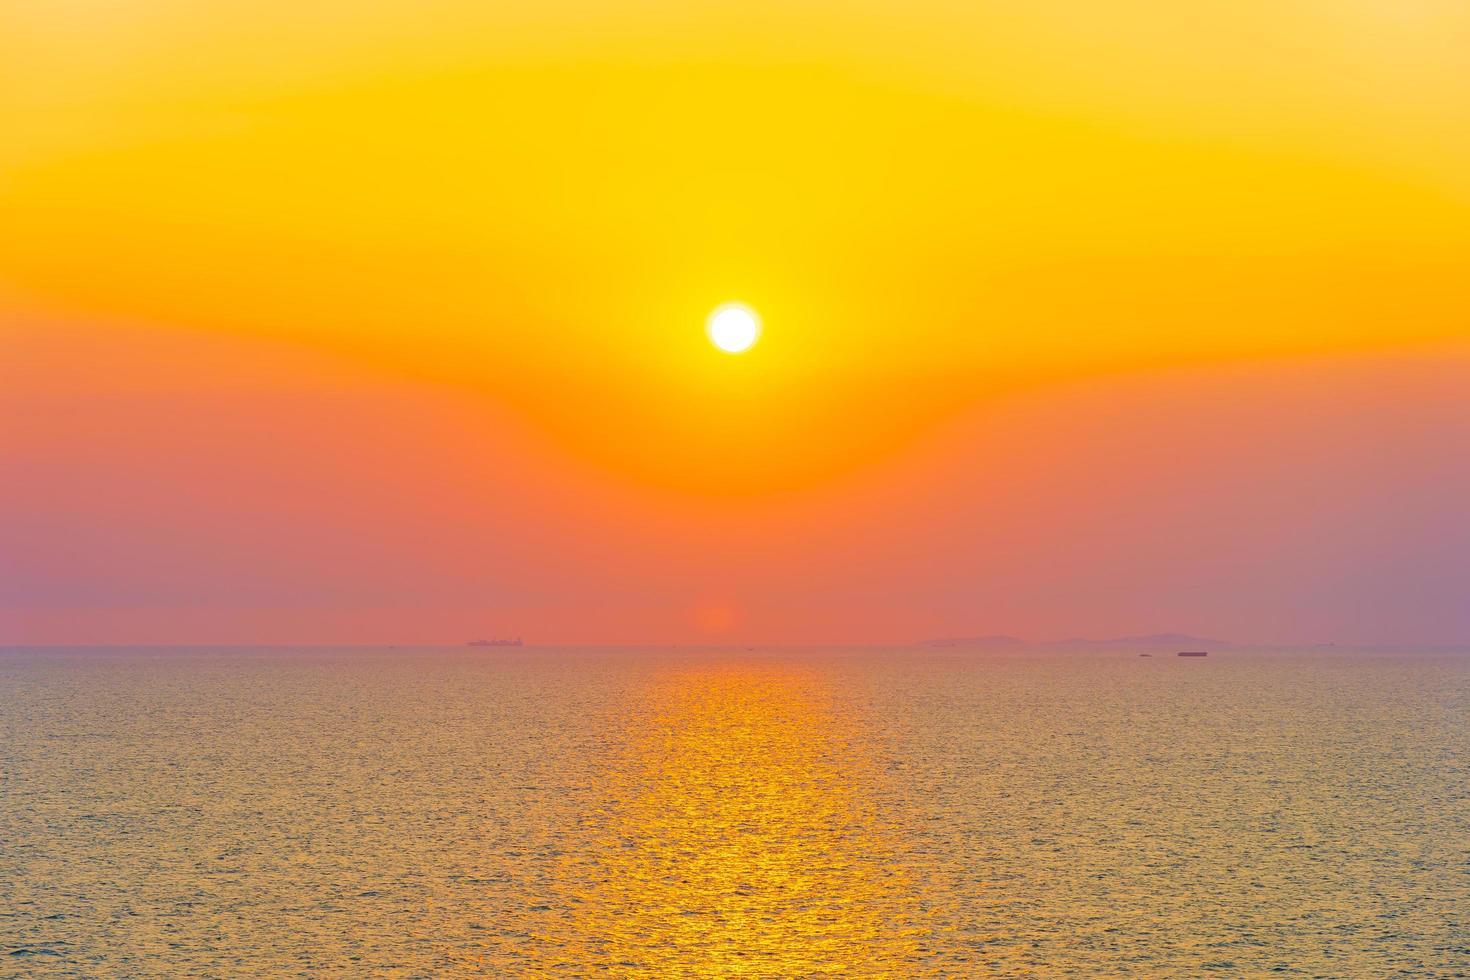 prachtige zonsondergang of zonsopgang op de oceaan foto